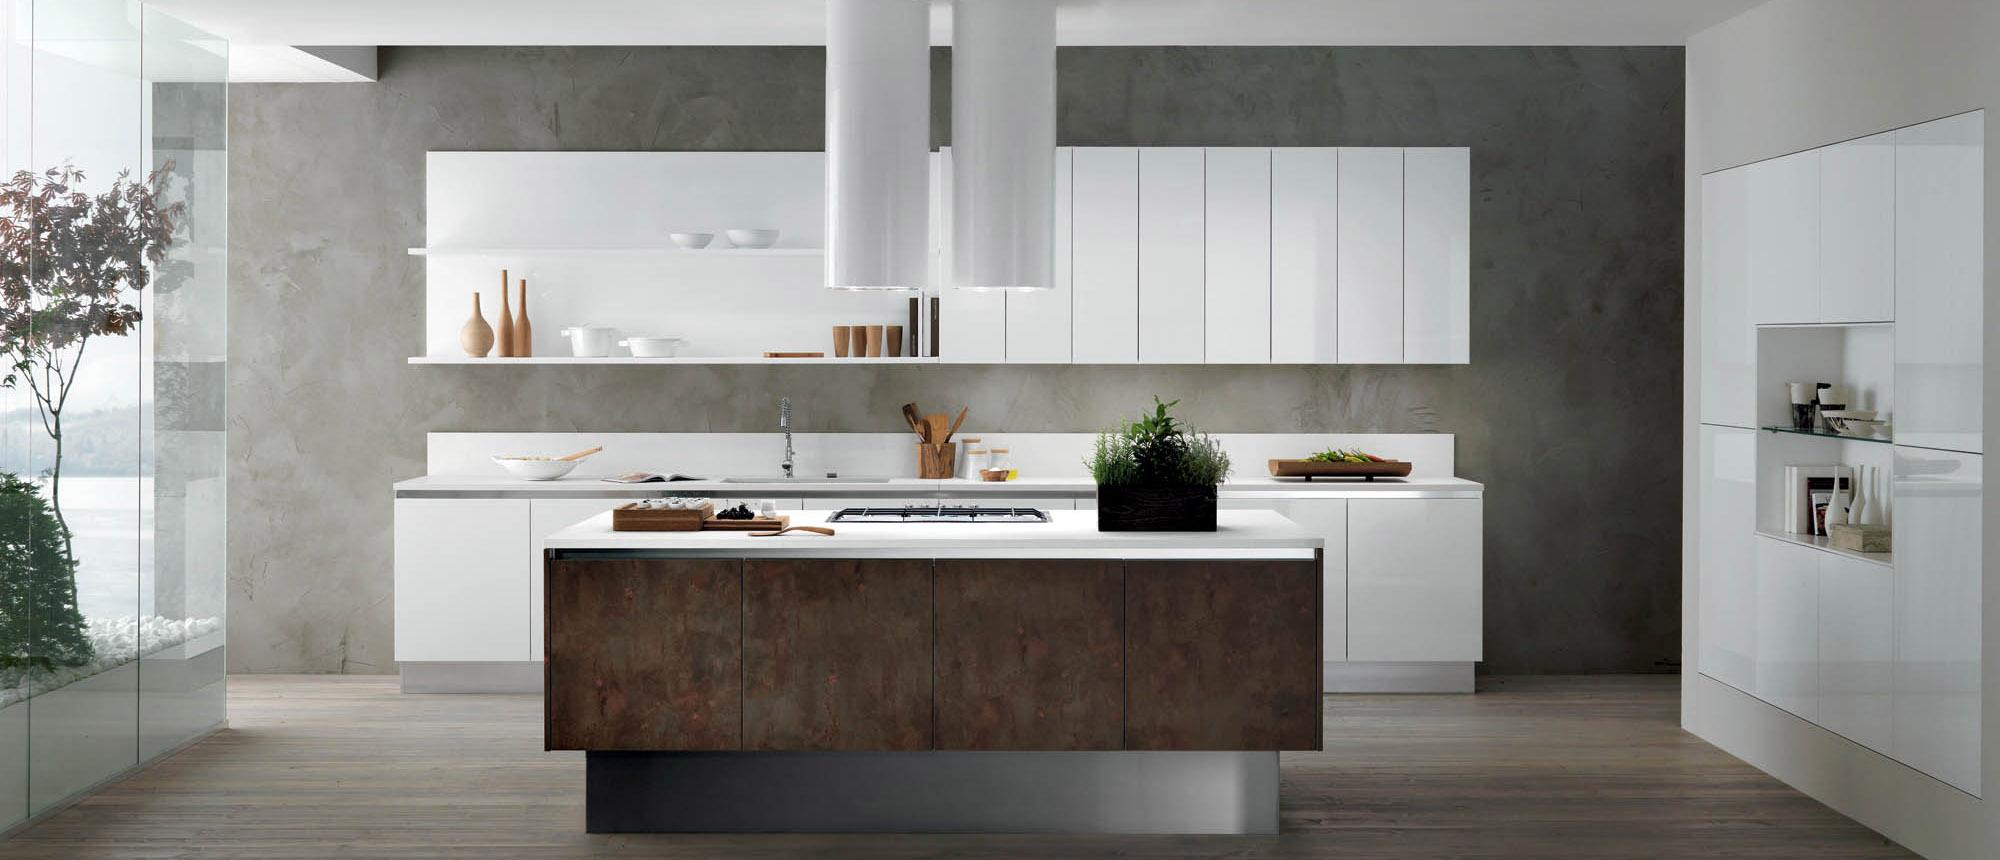 Cucine mobili de pianto - Cucina laccato bianco ...